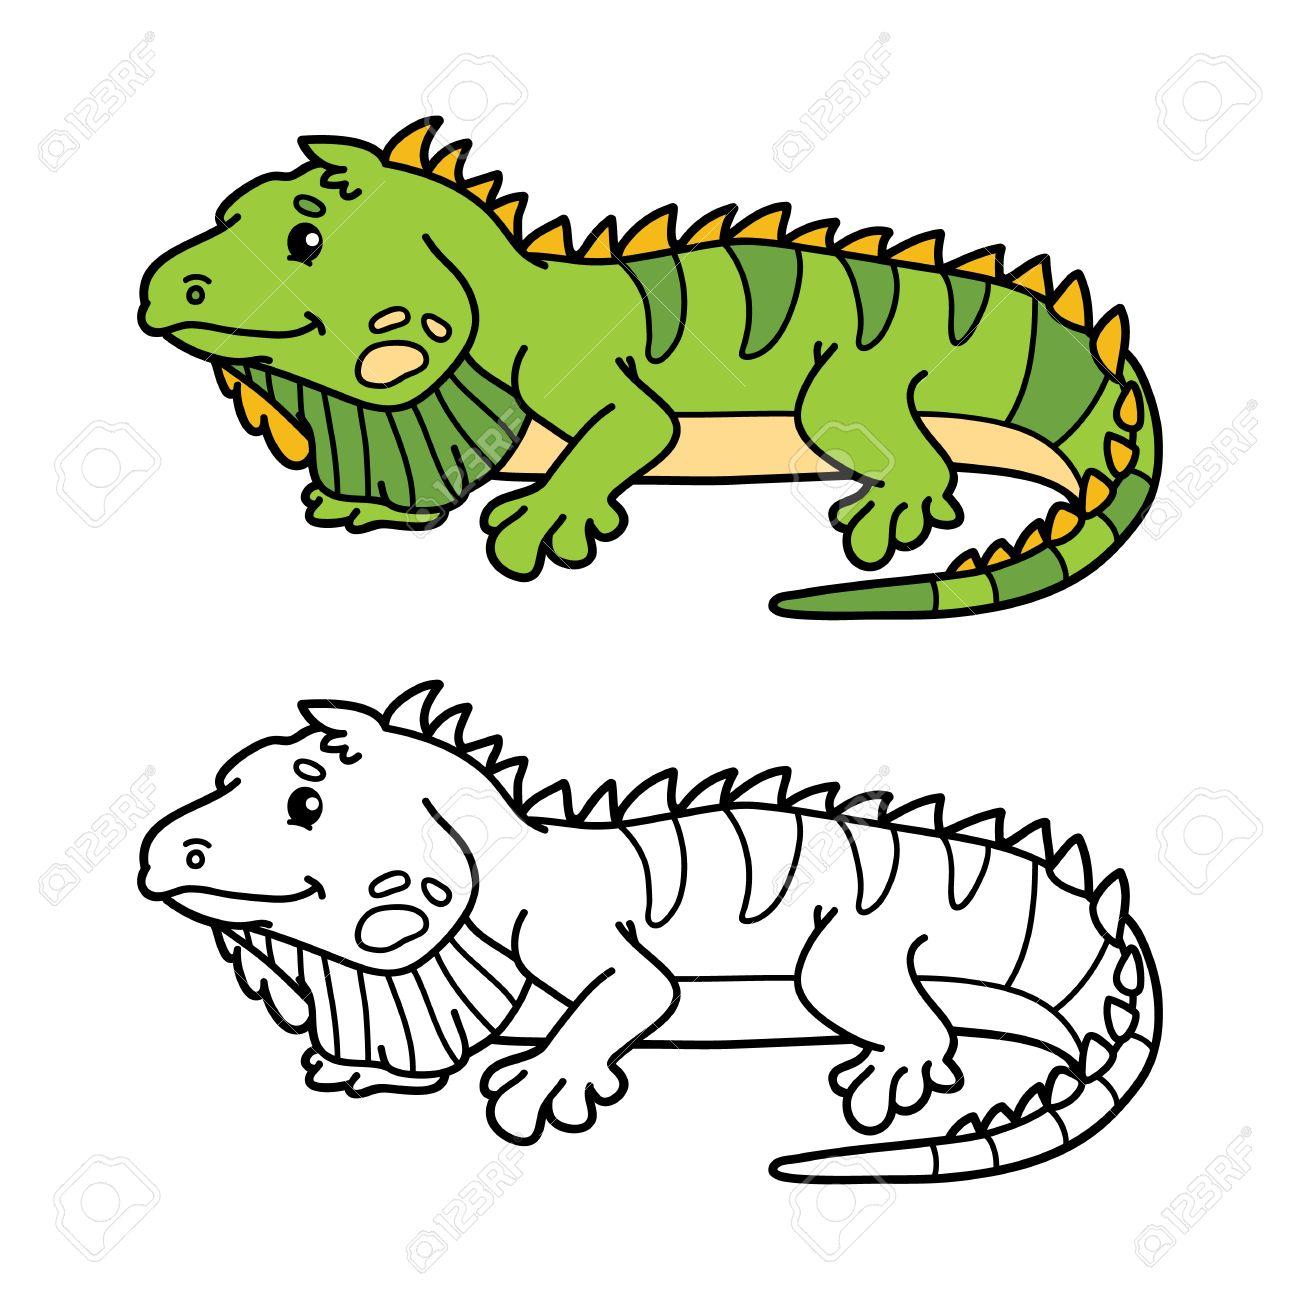 Funny Iguana. Illustration Coloring Page Of Happy Cartoon Iguana ...